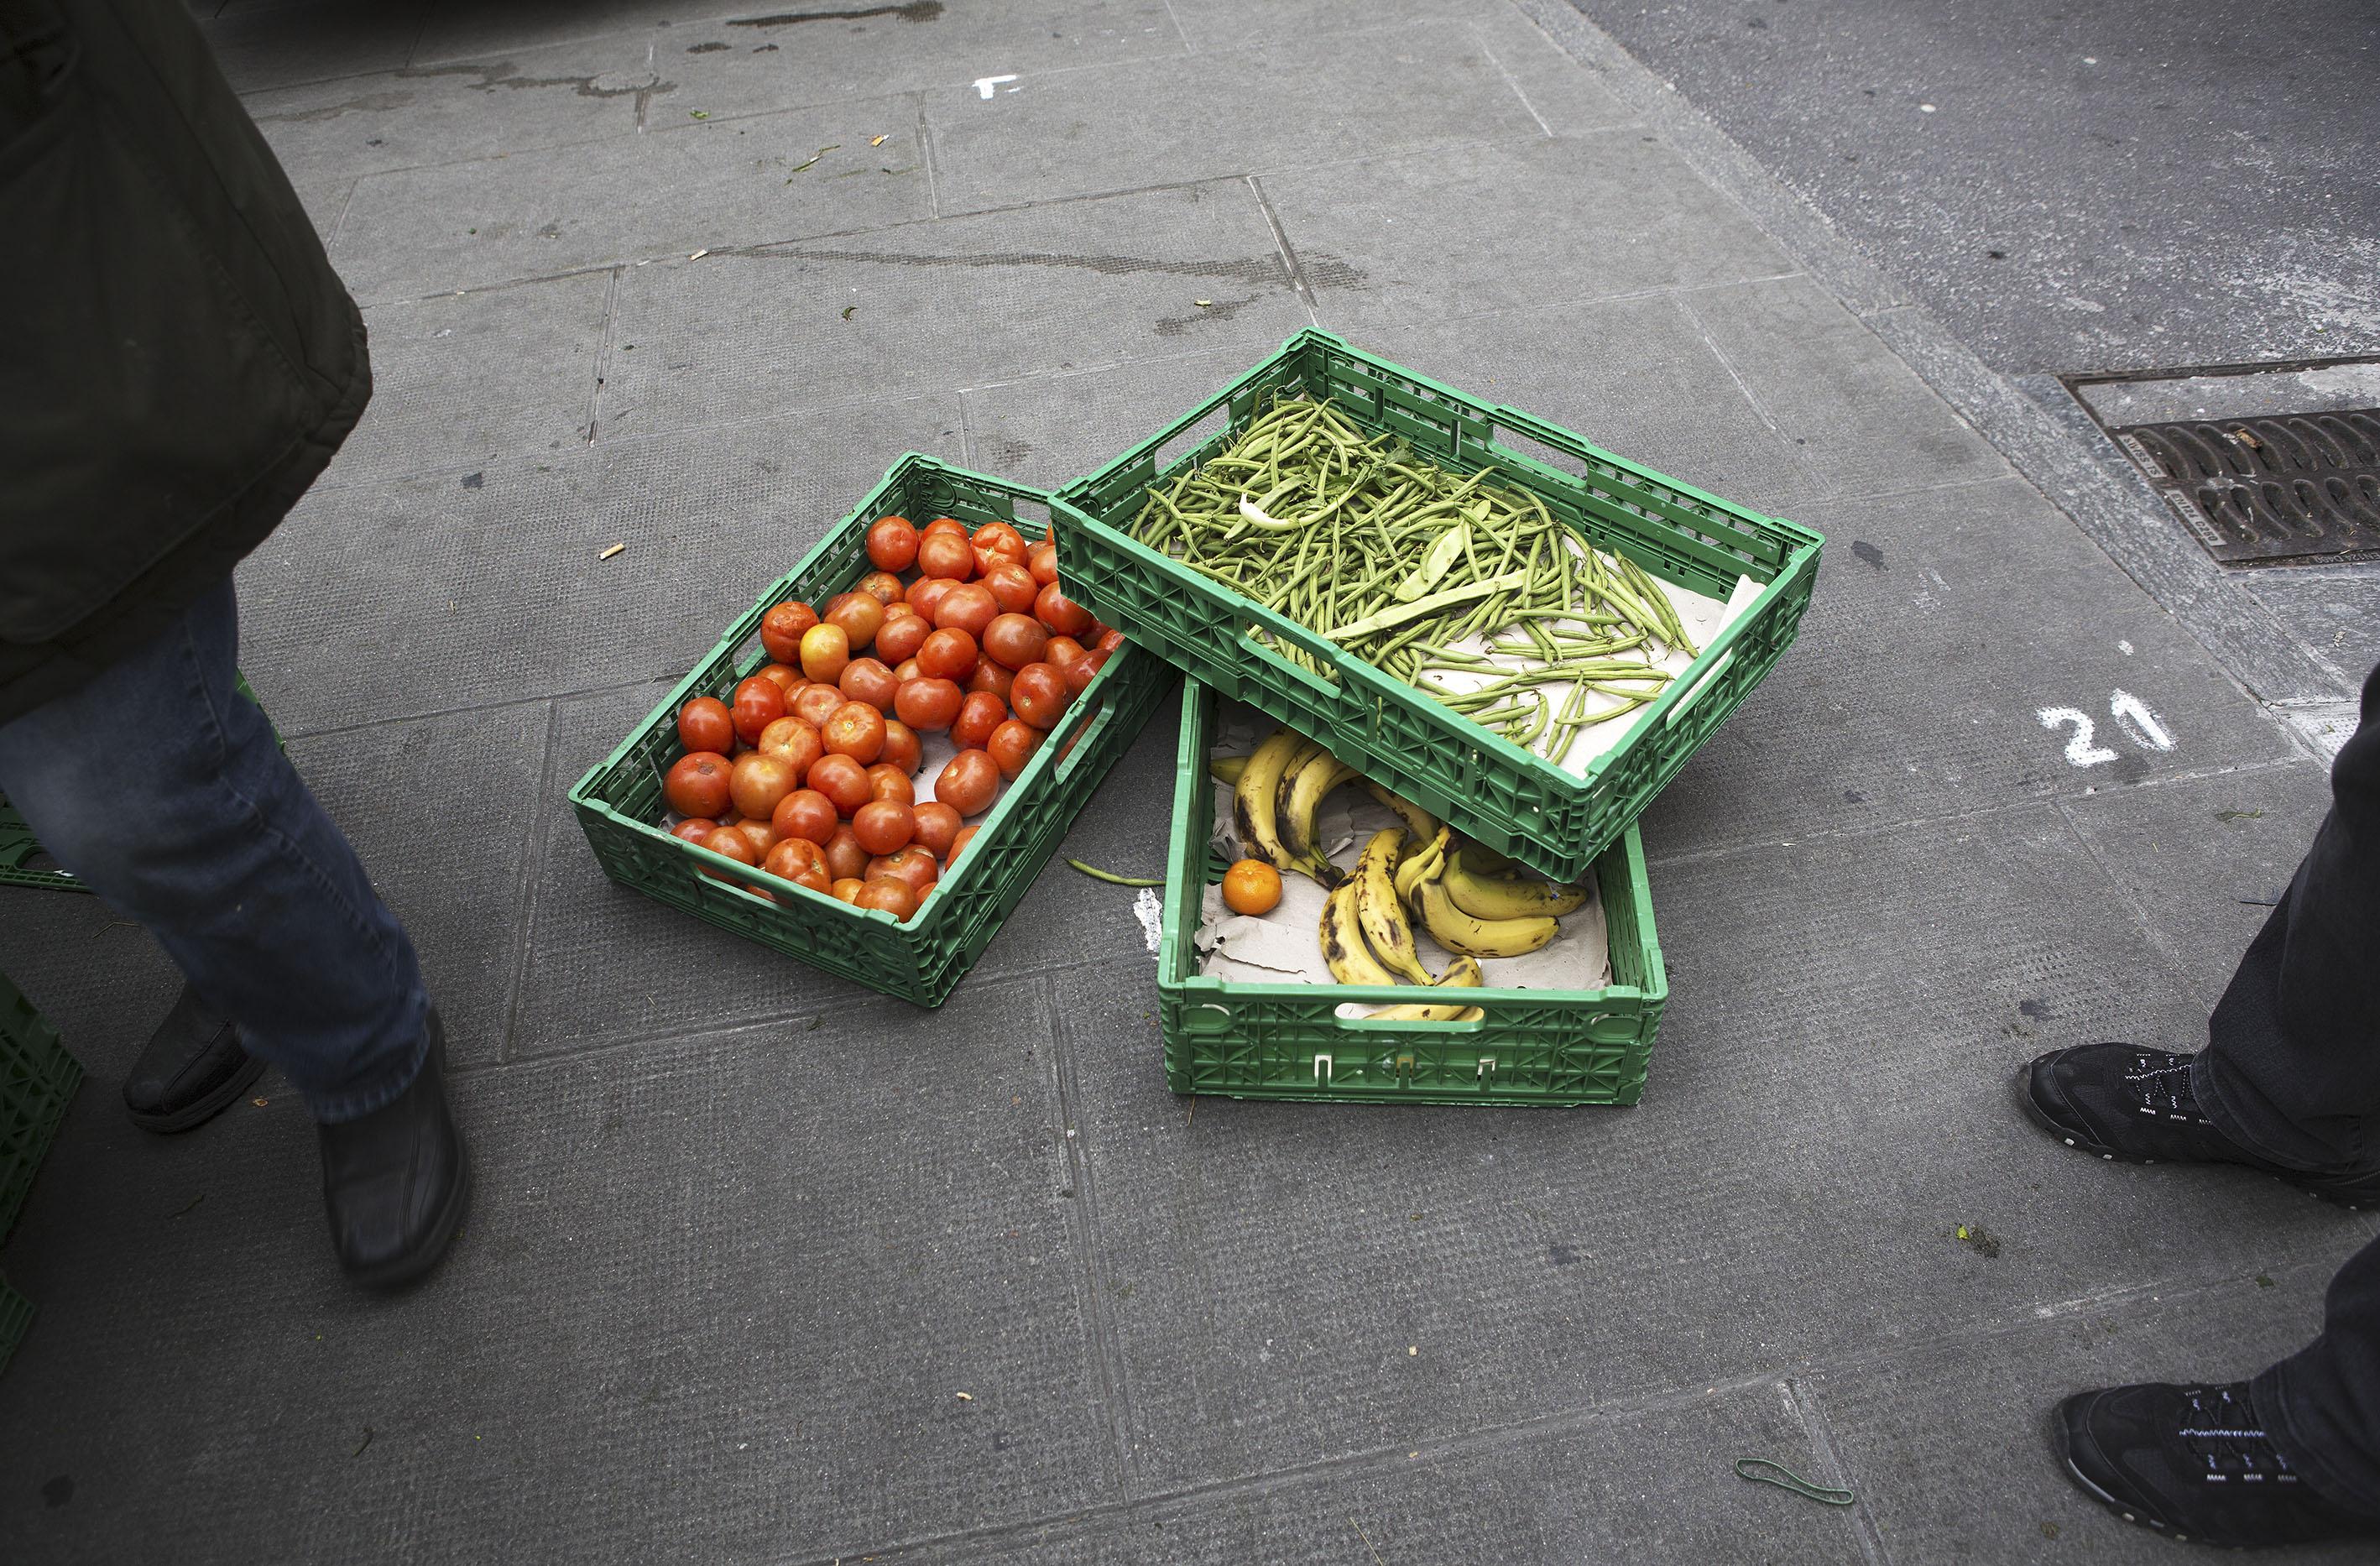 Trois fois par semaine, des caisses remplies de fruits et légumes sont récupérées aux marchés de Plainpalais, de Coutance et du Liotard.